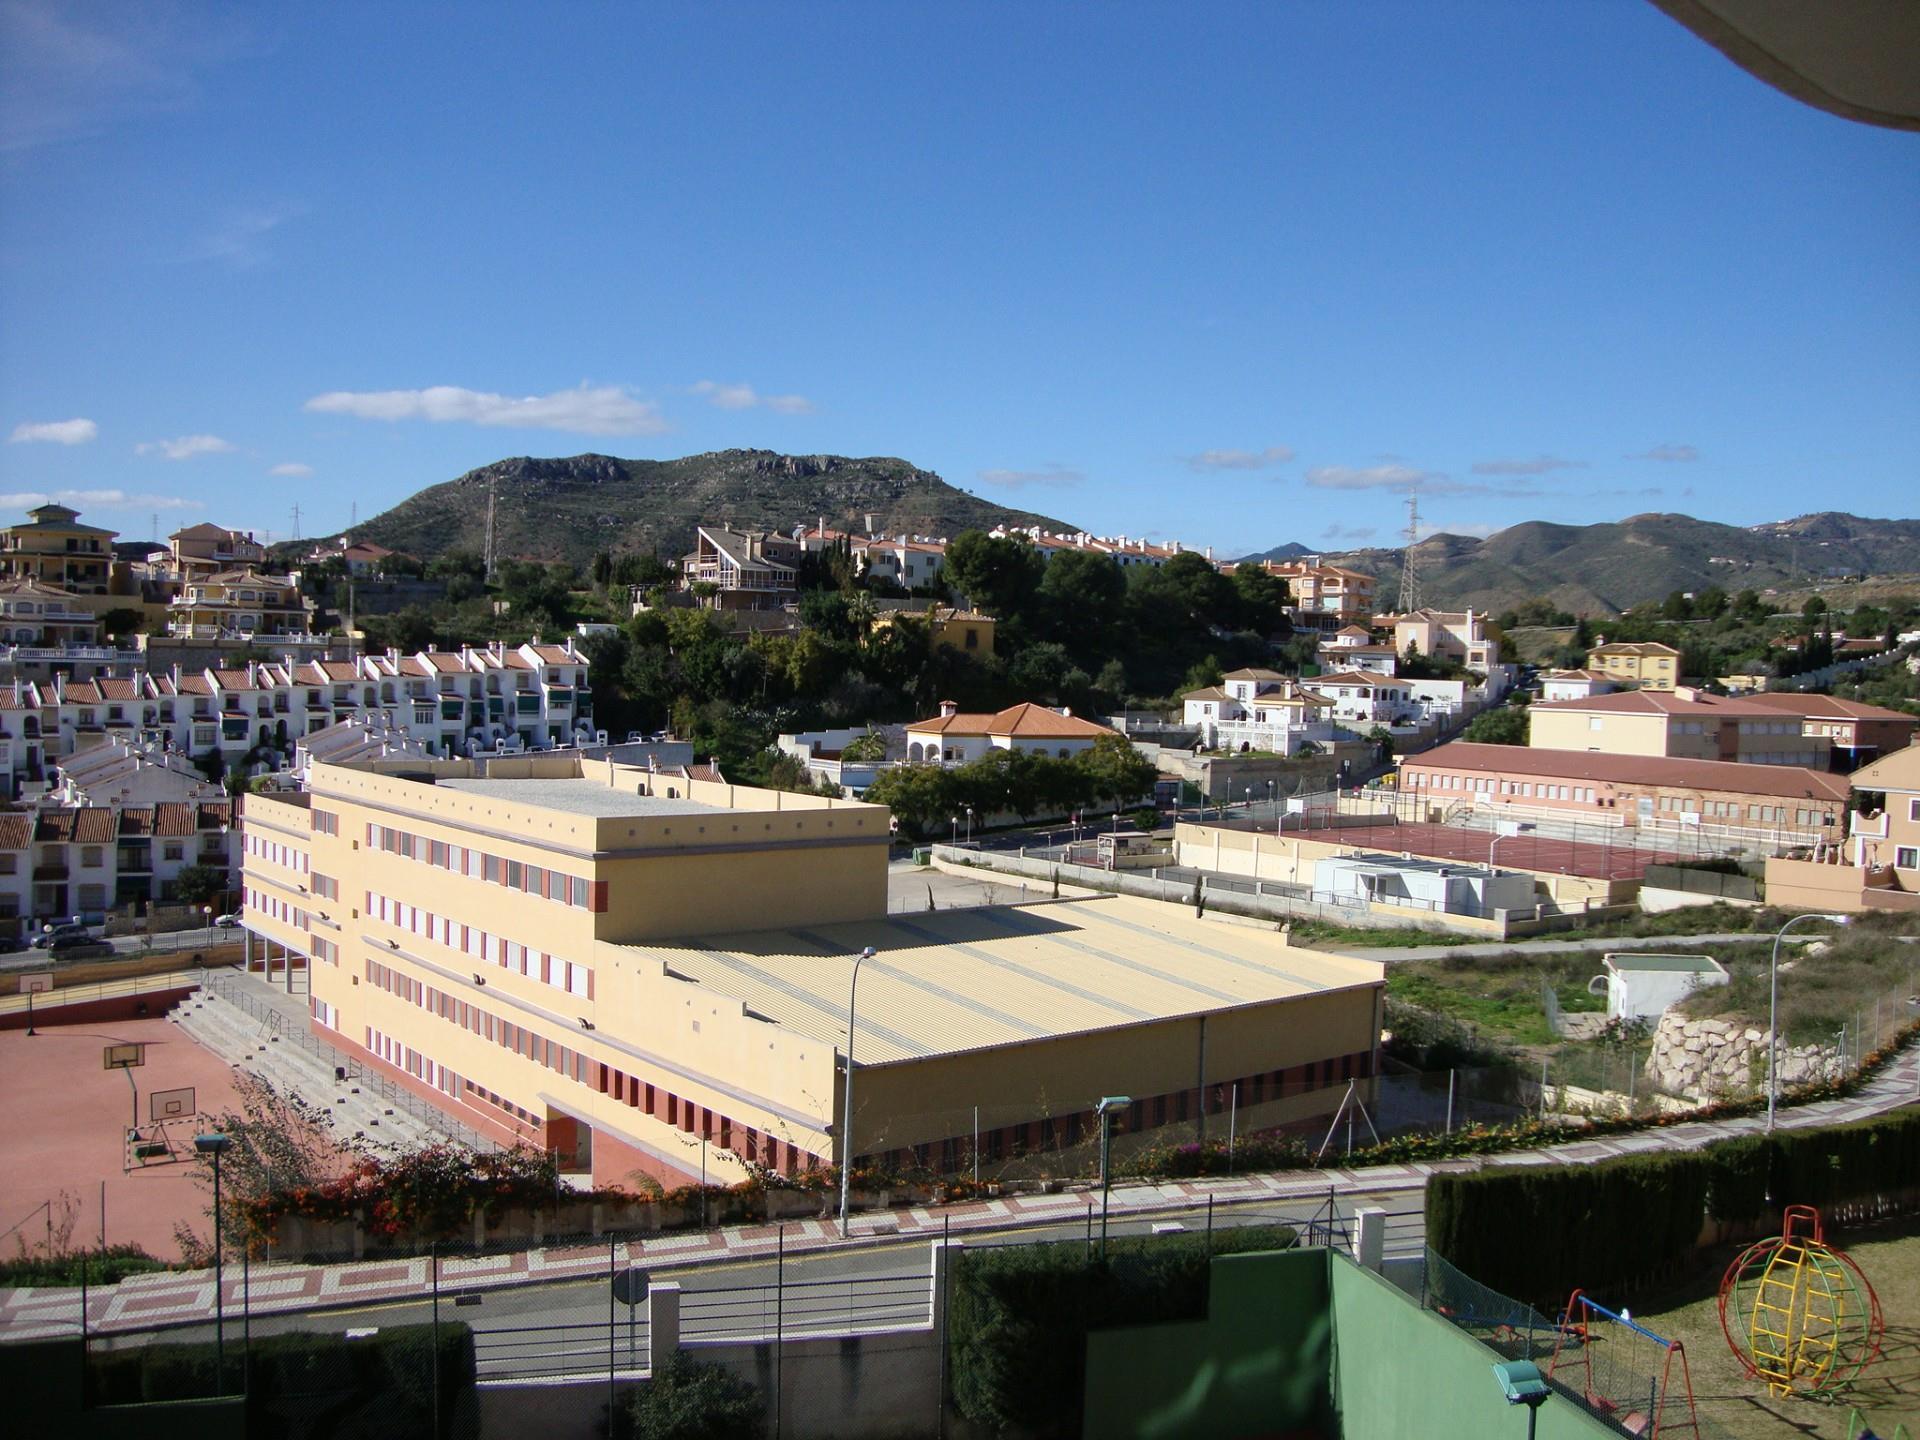 Piso de alquiler en Calle Tamadaba, 12 La Cala del Moral (La Cala del Moral, Málaga)